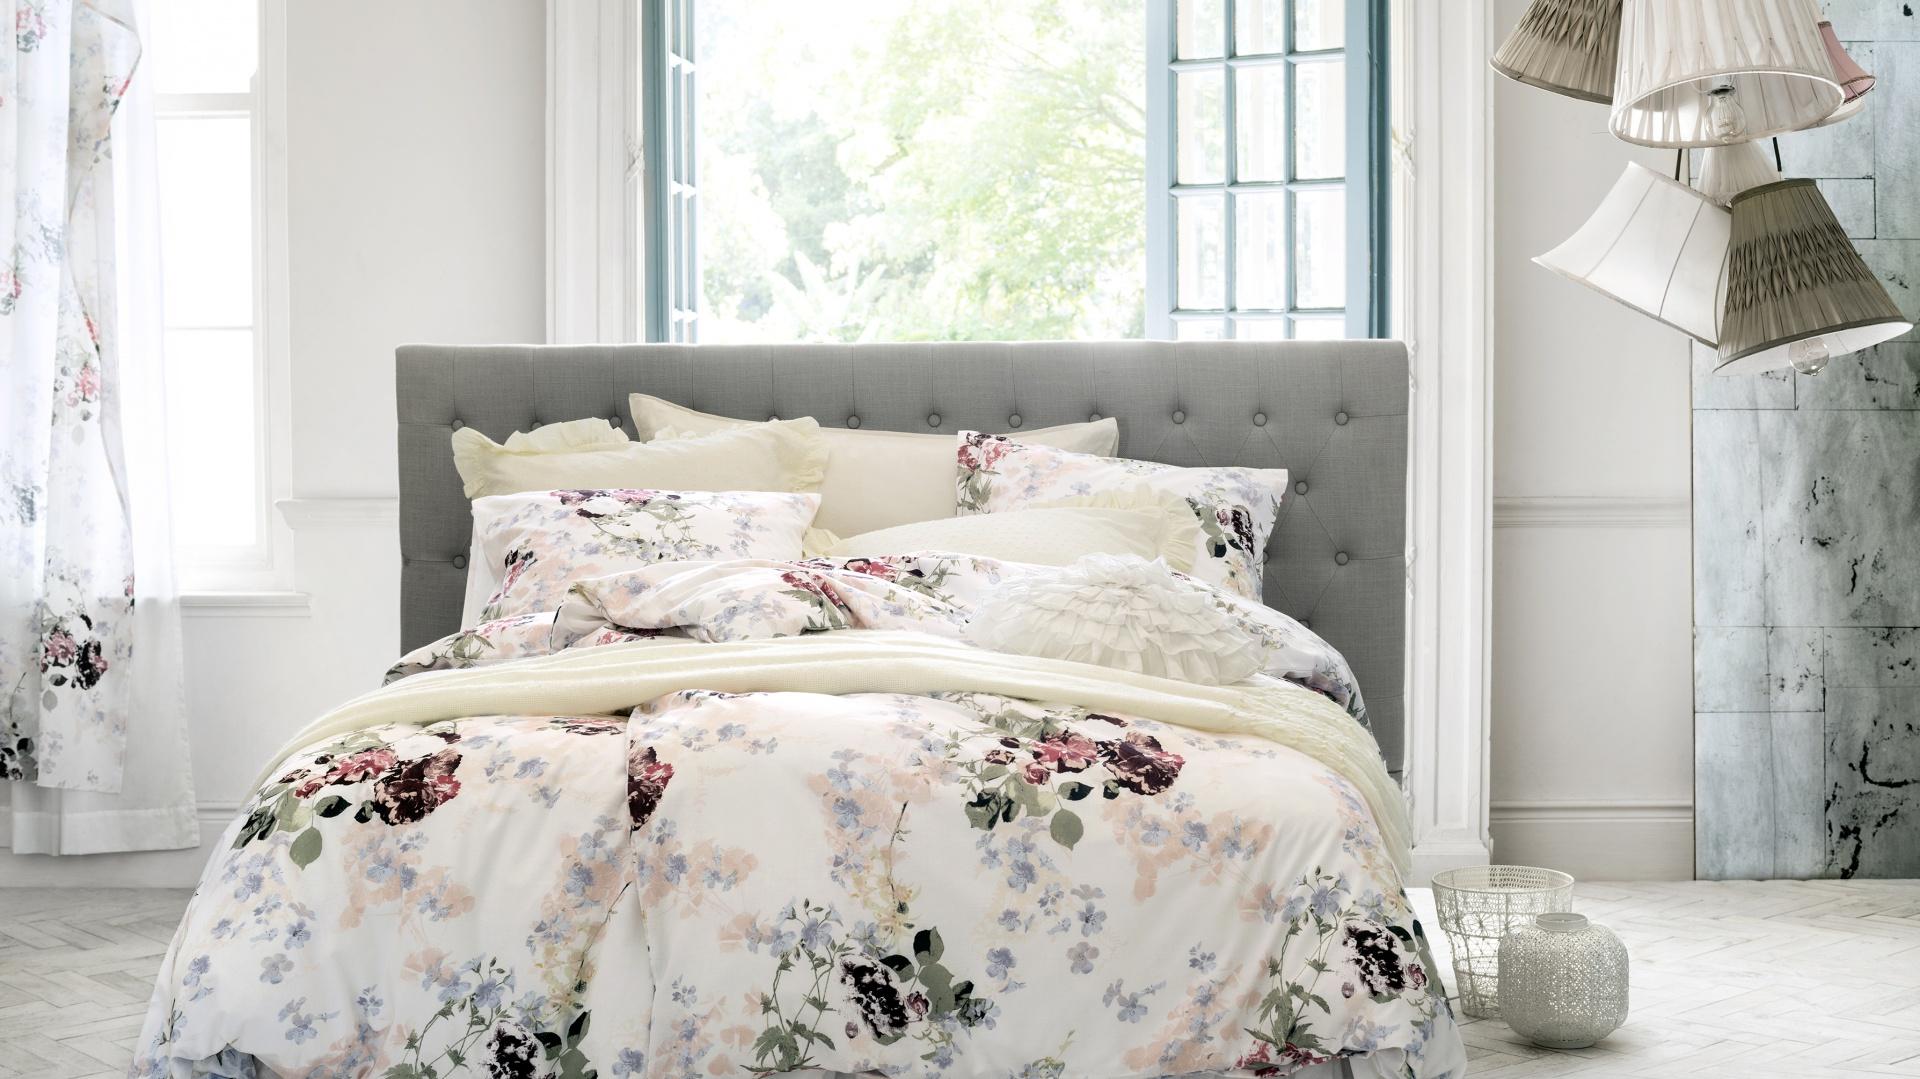 Kwieciste, delikatne tkaniny wprowadzają do sypialni łagodny, romantyczny nastrój. Fot. H&M Home.